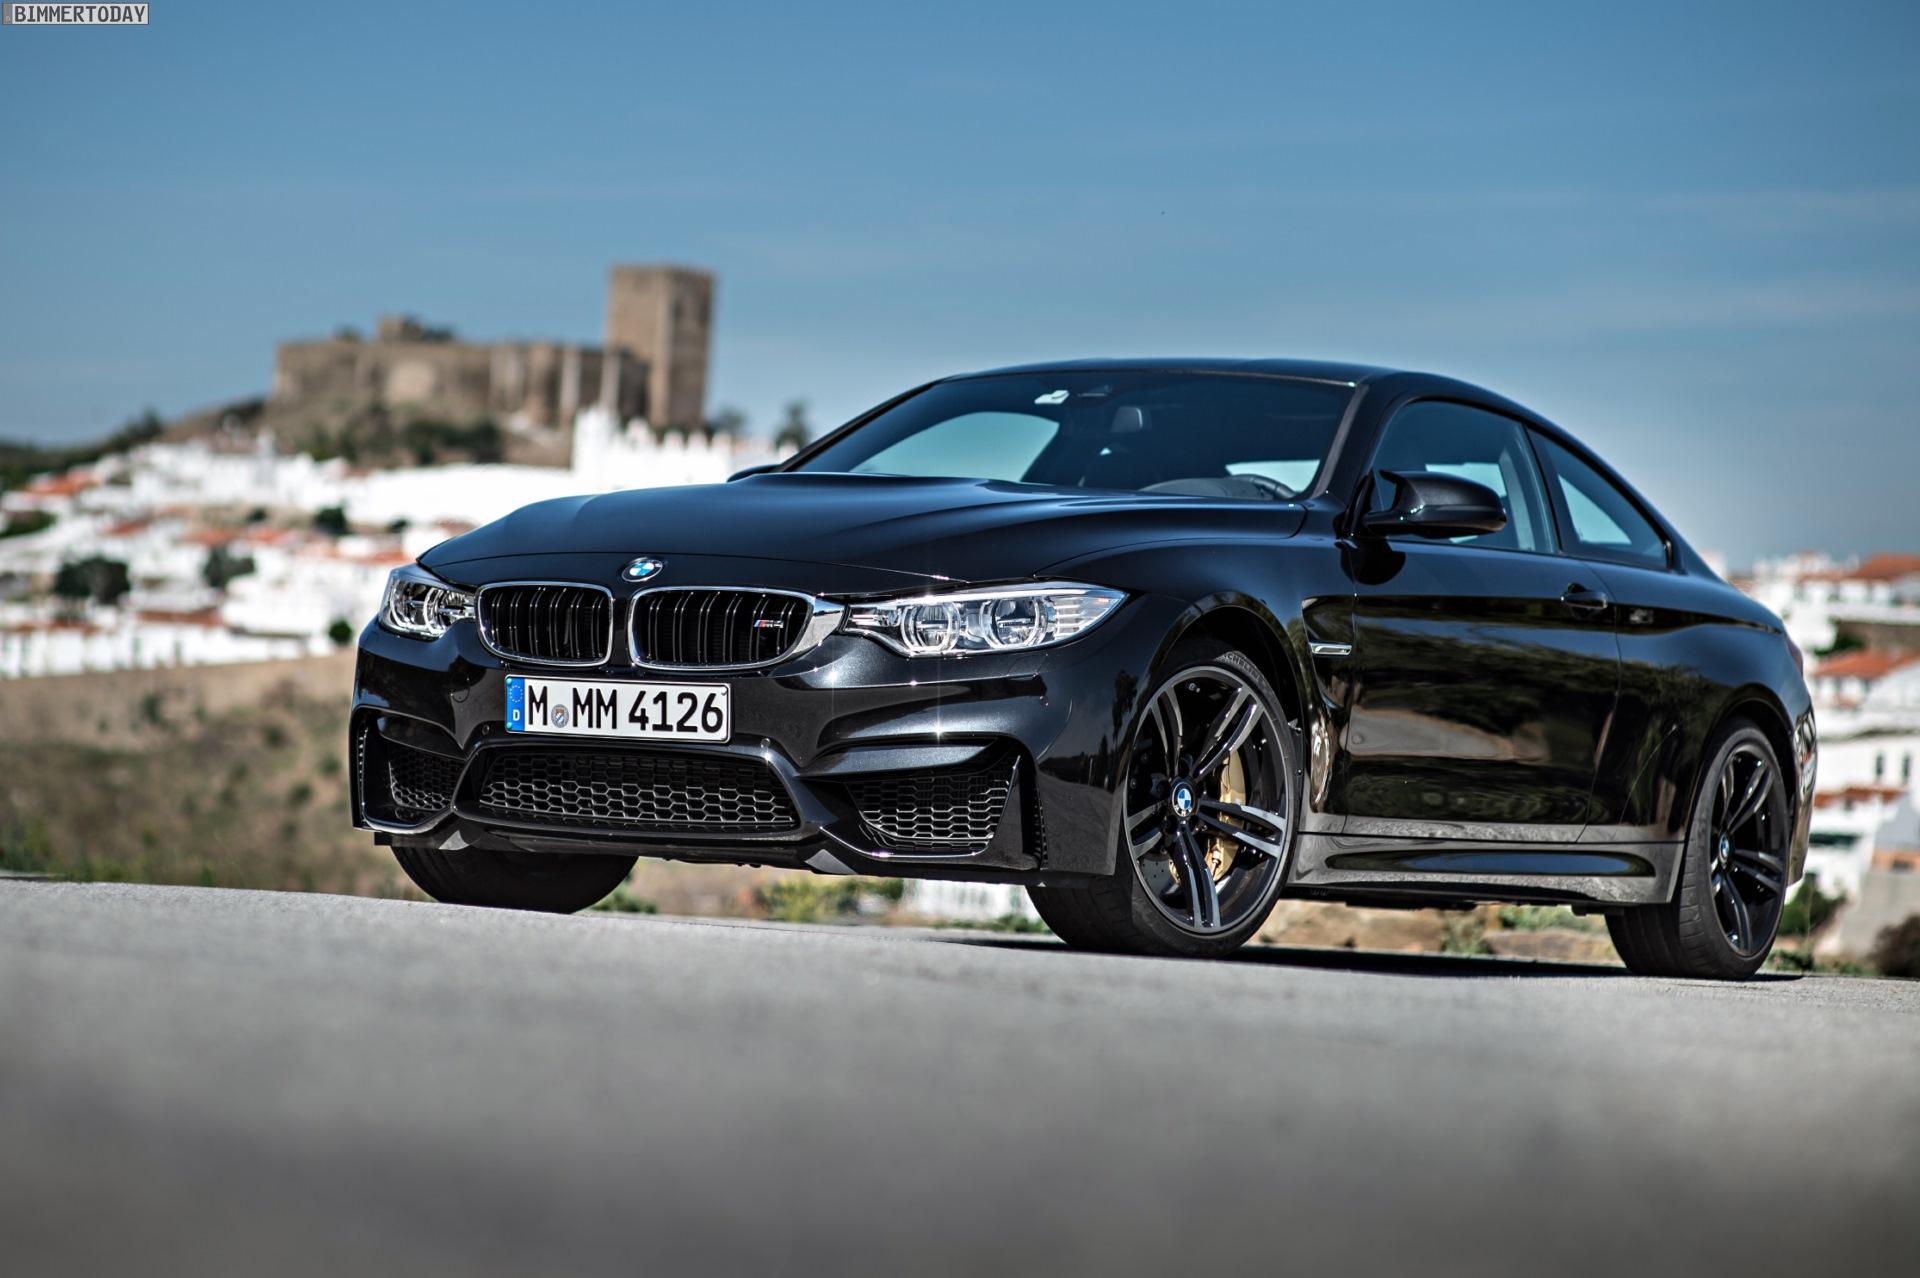 Black BMW M4 Wallpaper - WallpaperSafari